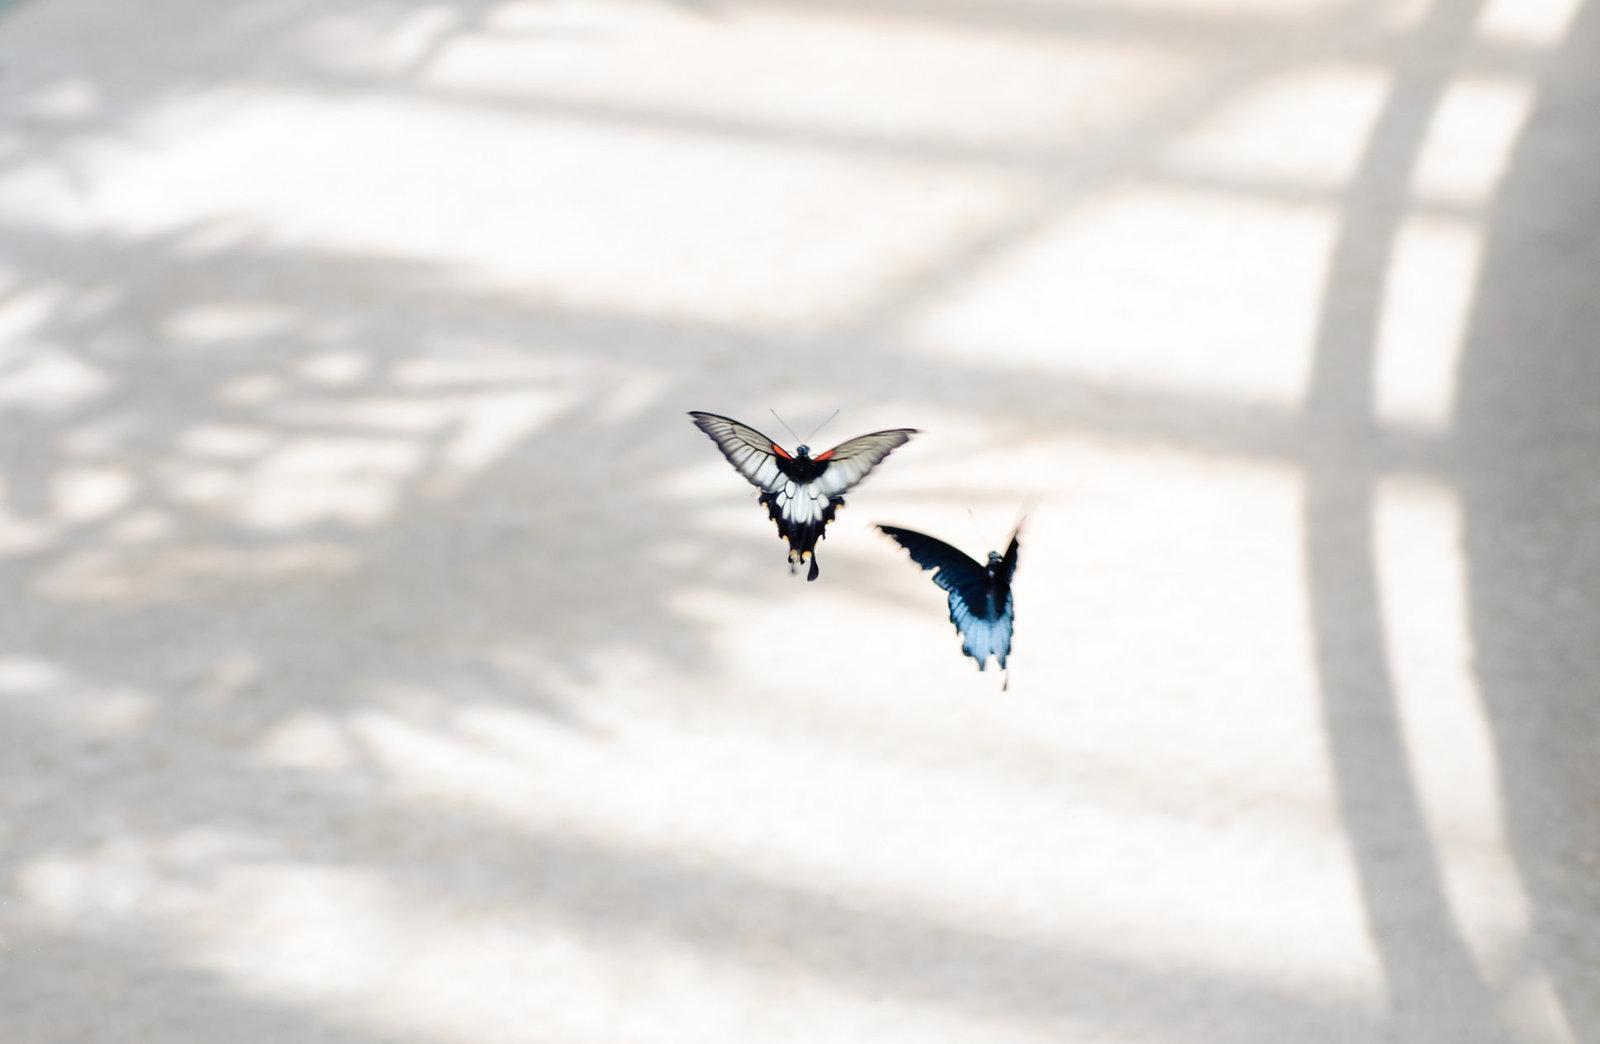 Blocker_150619_1203-Butterflies-Confidence